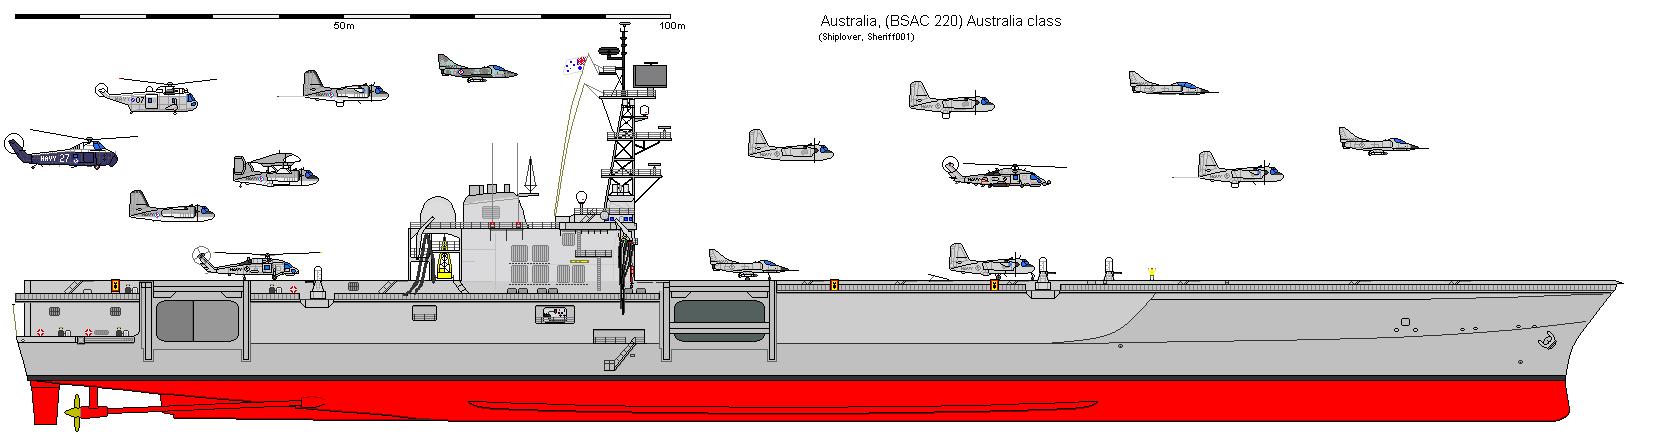 AU CV Australia (BSAC 220)